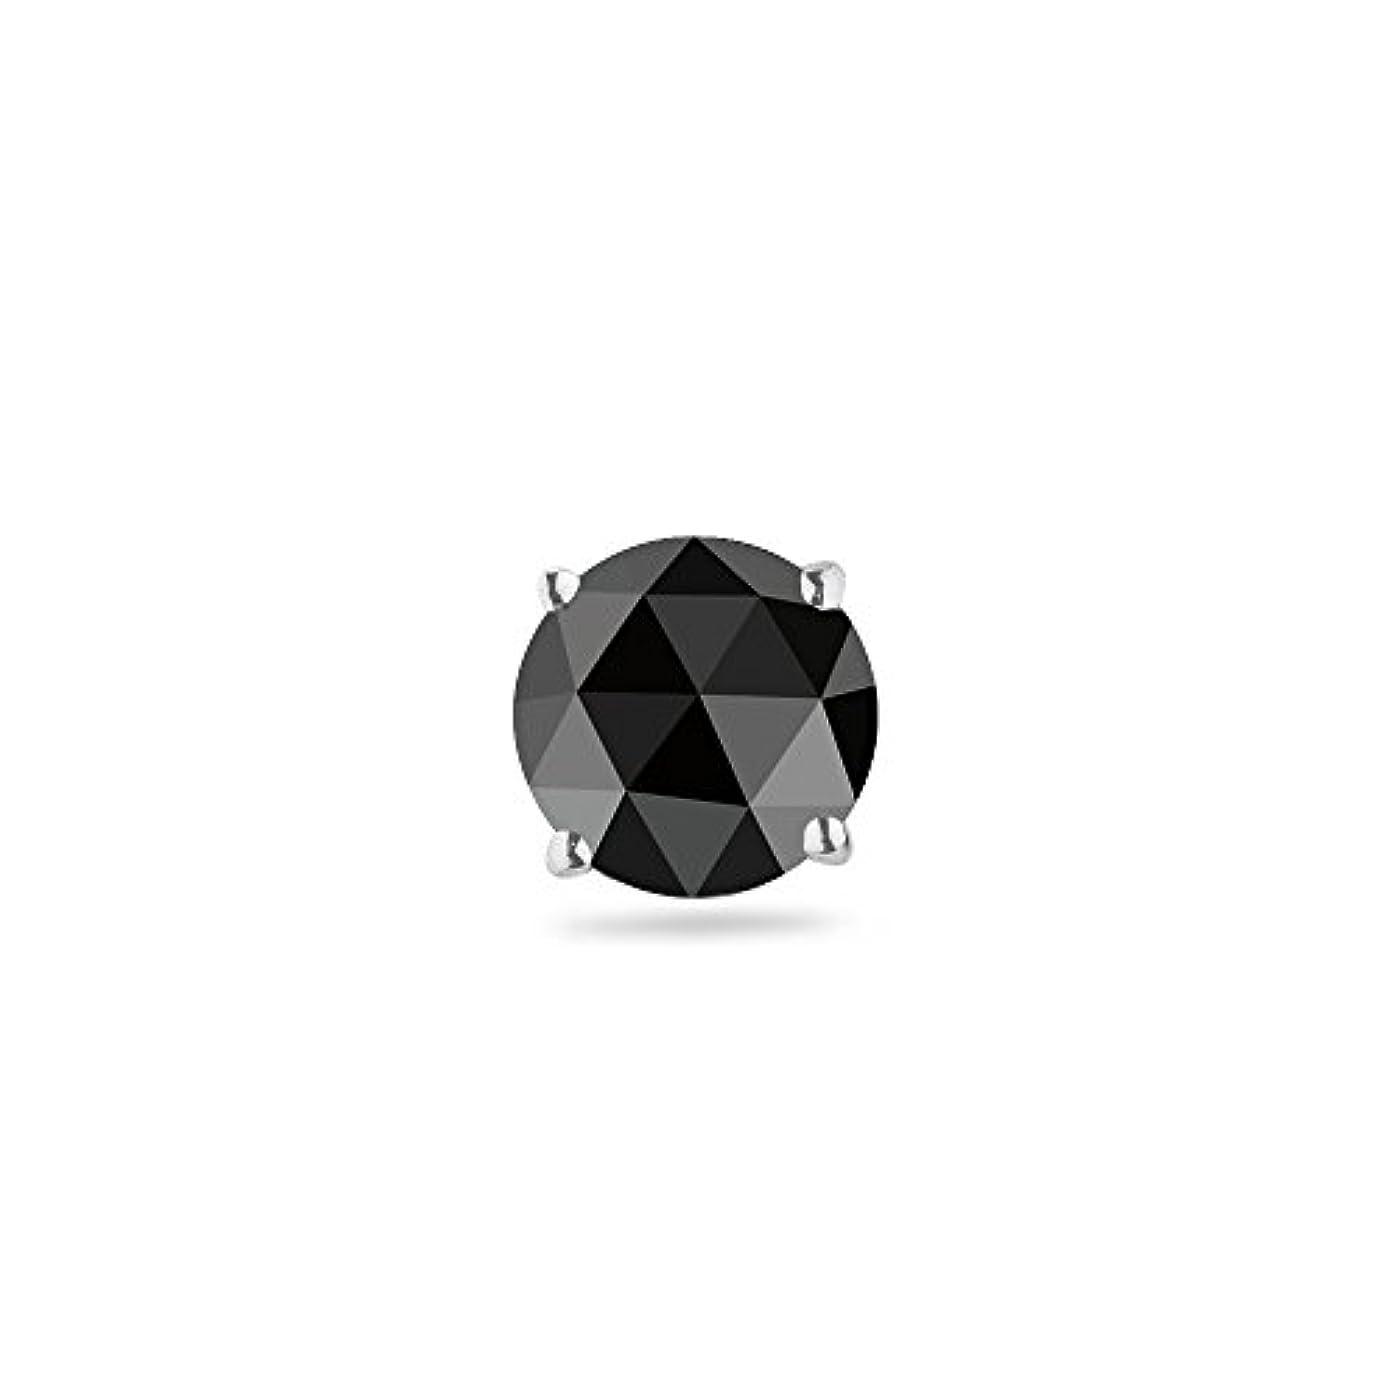 圧力活発表現Holiday Deal on 0.31 – 0.38 CTSの4.40 – 5.40 MMブラックダイヤモンドメンズスタッドイヤリング18 Kホワイトゴールド